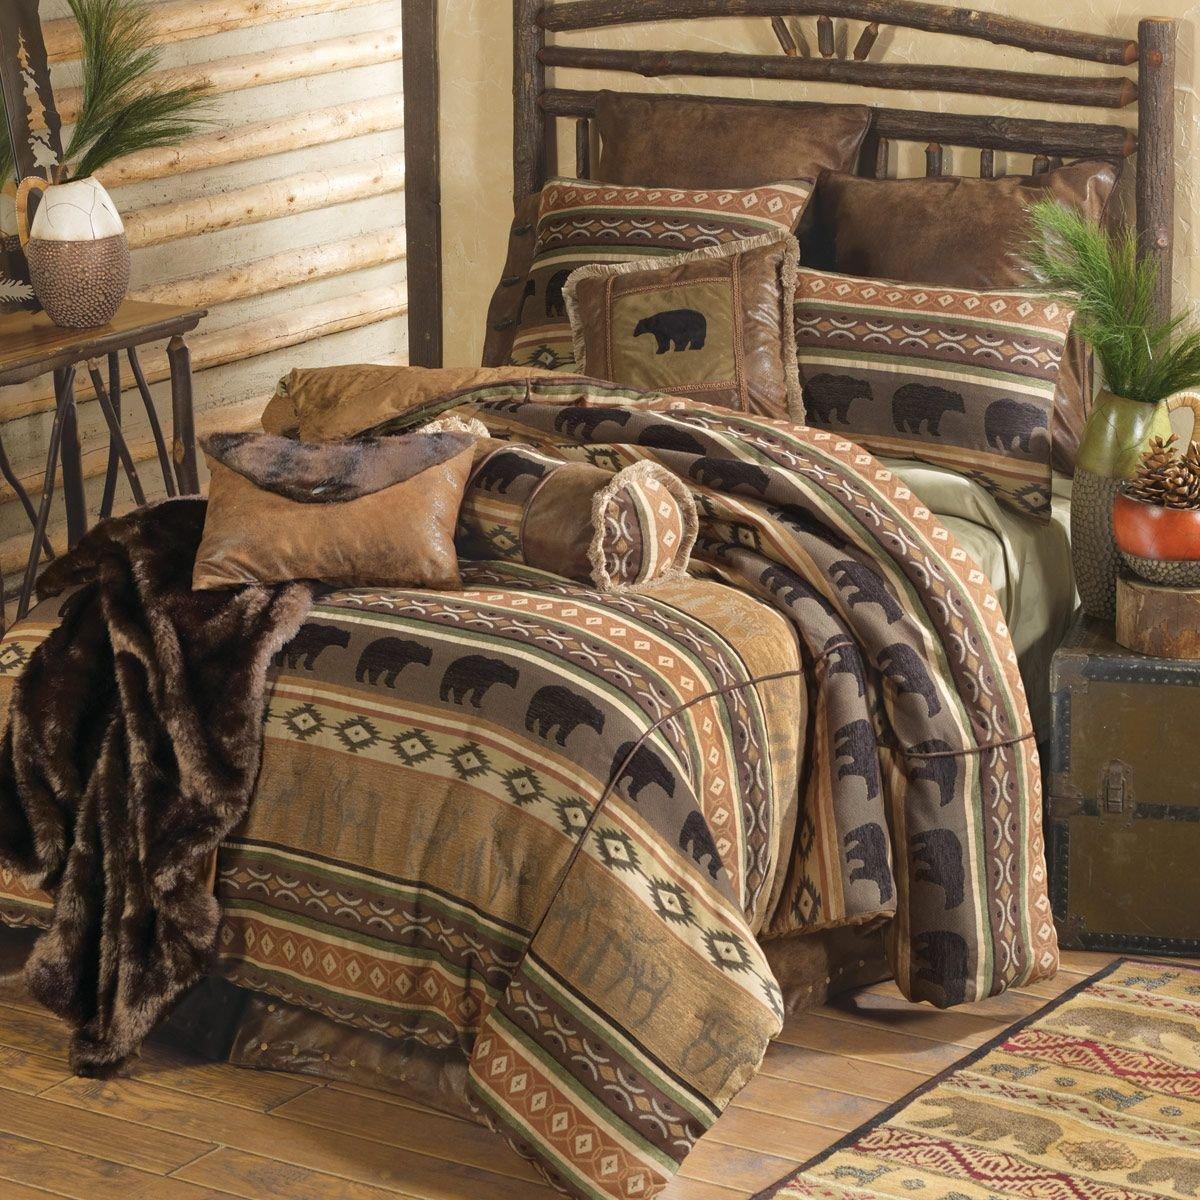 Log King Size Bedroom Set Unique Saranac Lodge Bear & Moose Bed Set